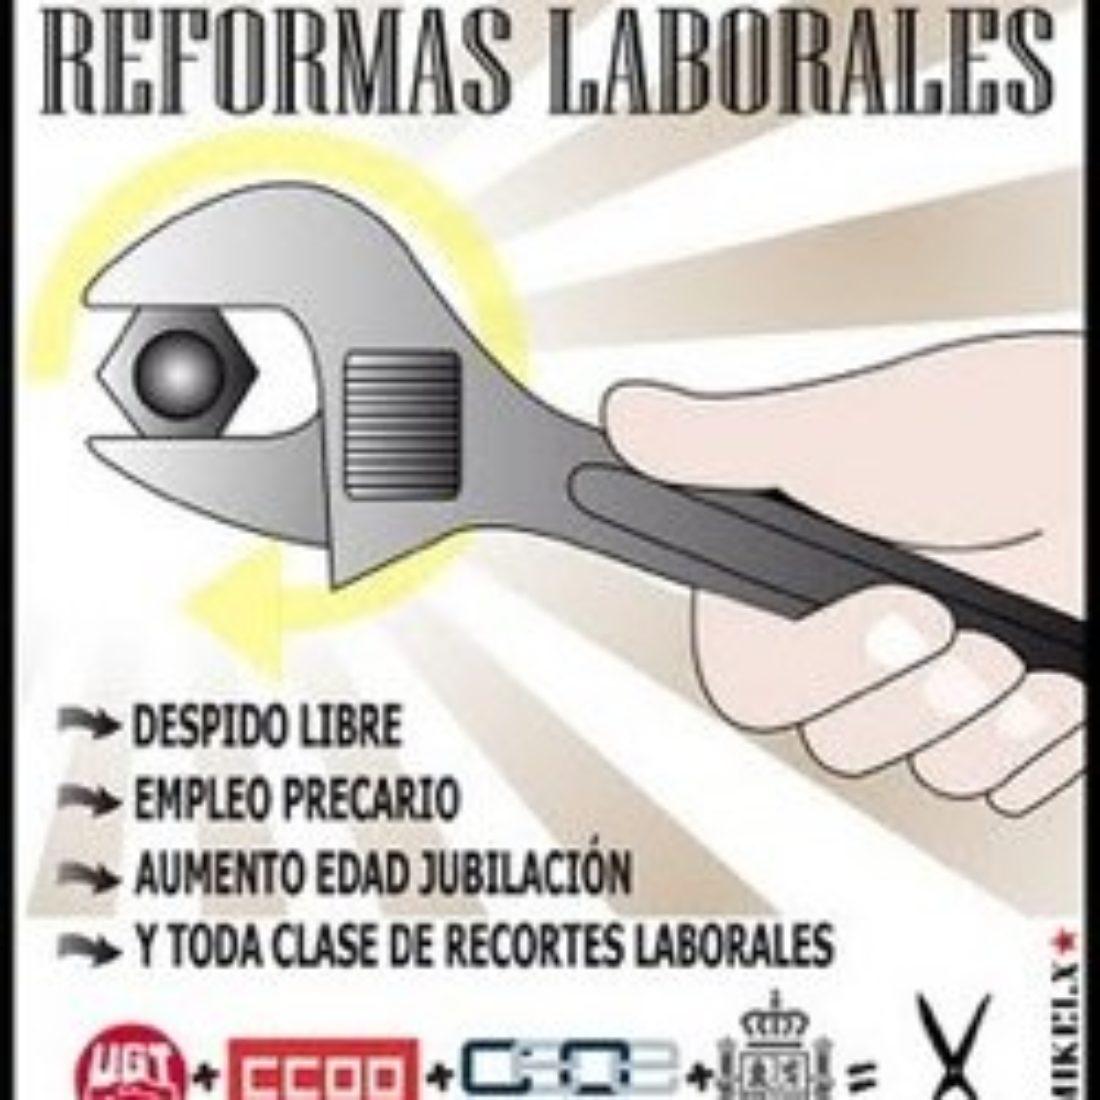 Madrid, 18 de mayo. Curso de formación confederal: La reforma laboral